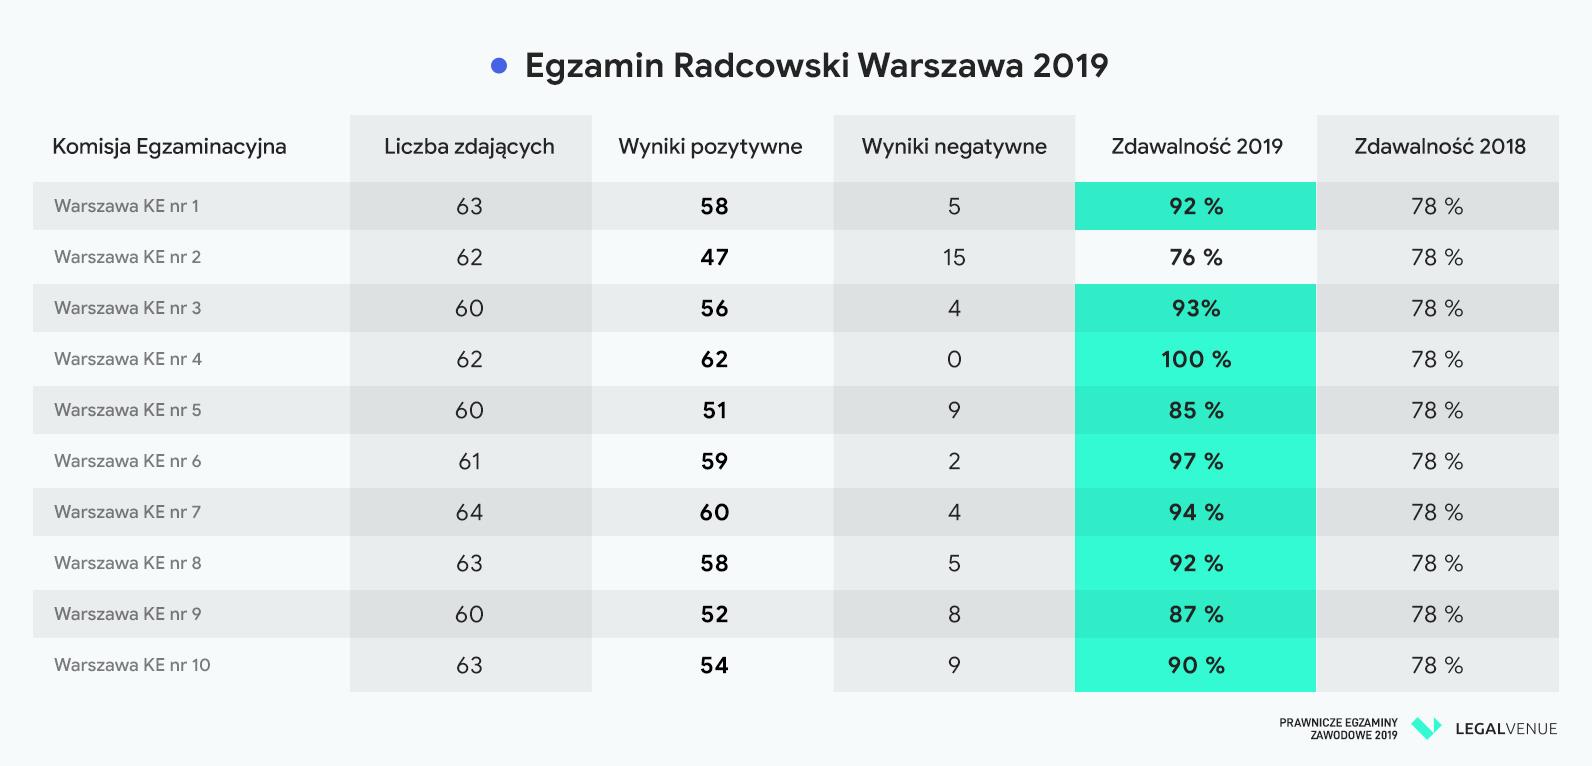 Egzamin-radcowski-2019-Wyniki-Warszawa-rad